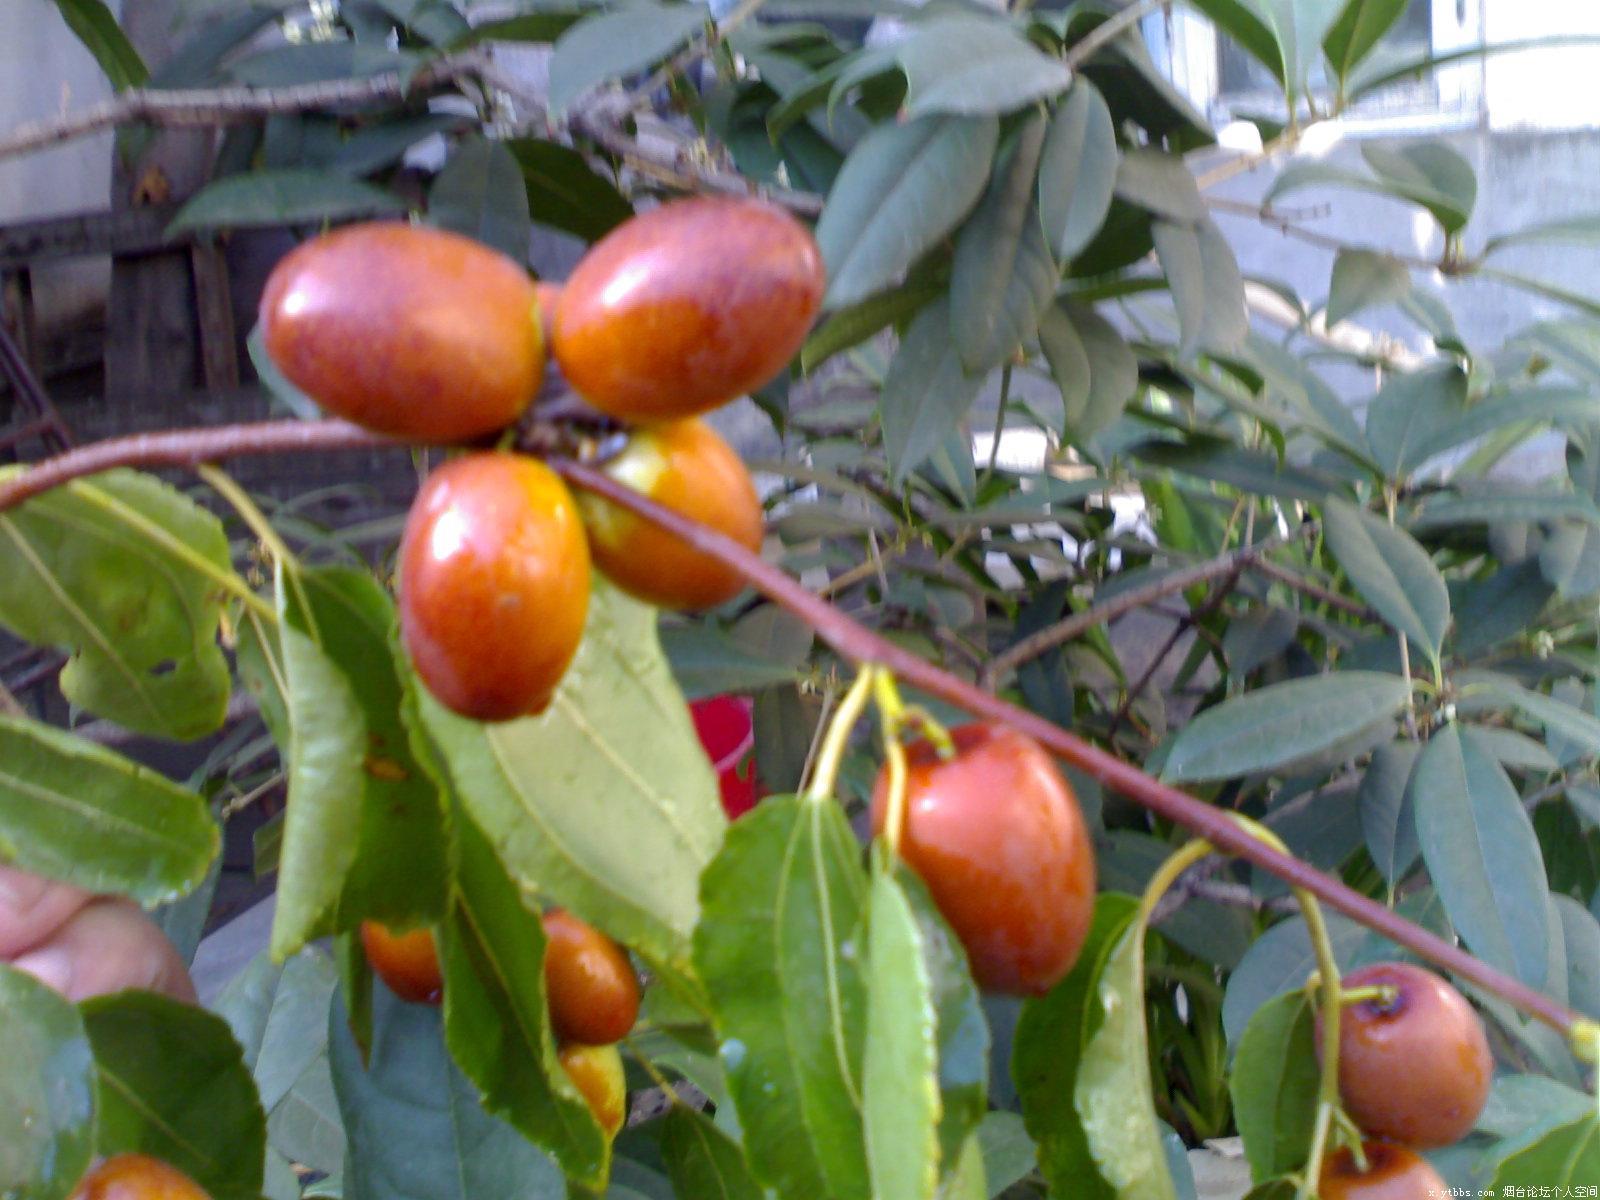 老枣树 无花果树 葡萄树,因搬迁求移栽 172烟台论坛172